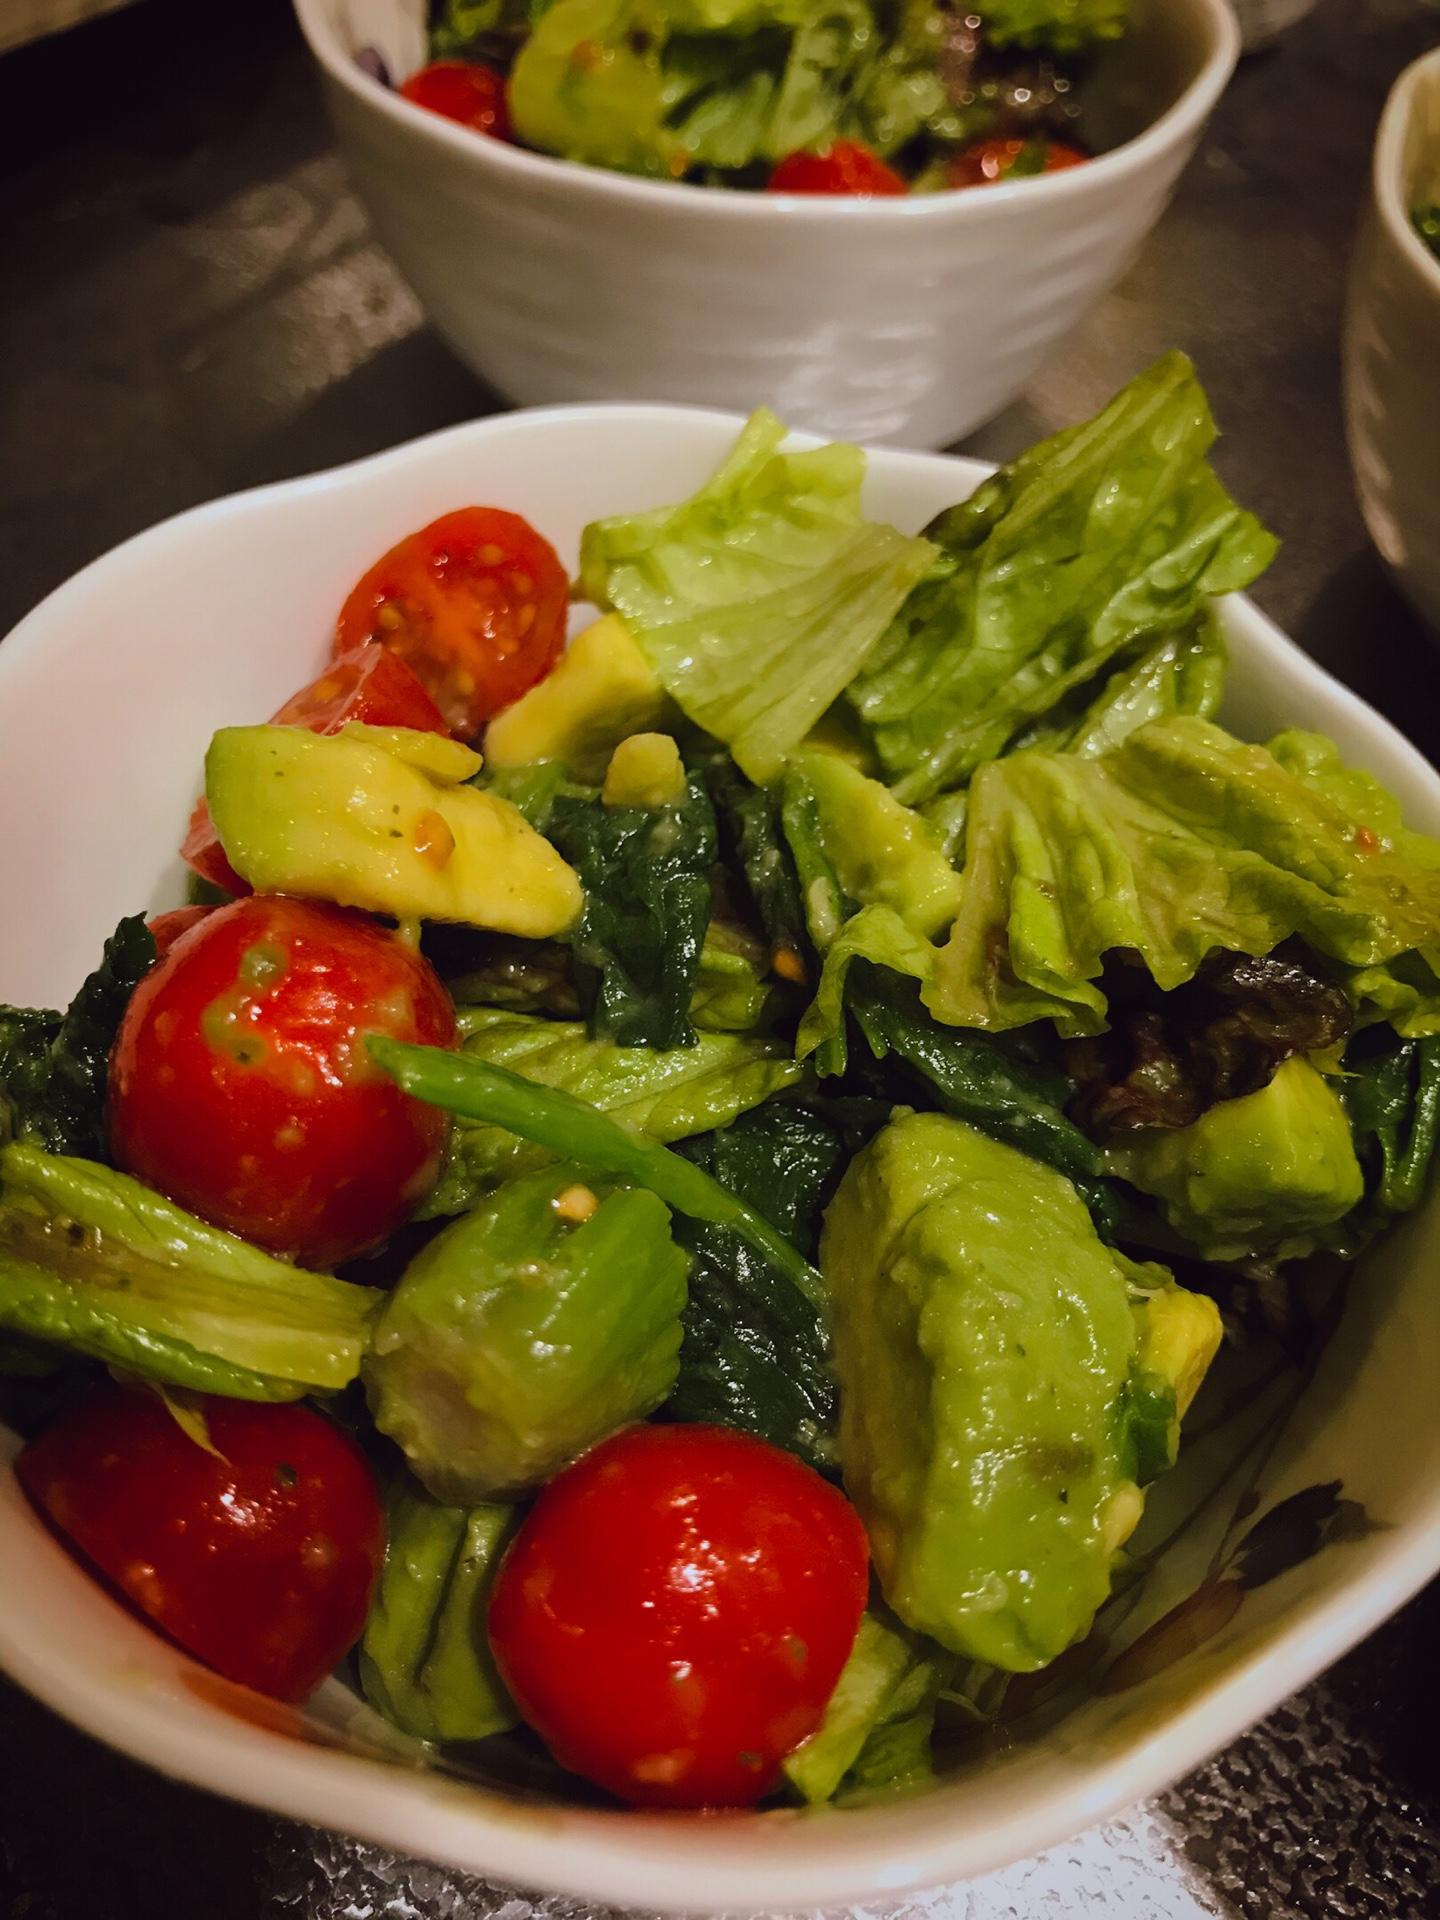 認知症予防レシピ。トマトとほうれん草のサラダ。認知症予防食材を美味しく食べよう。